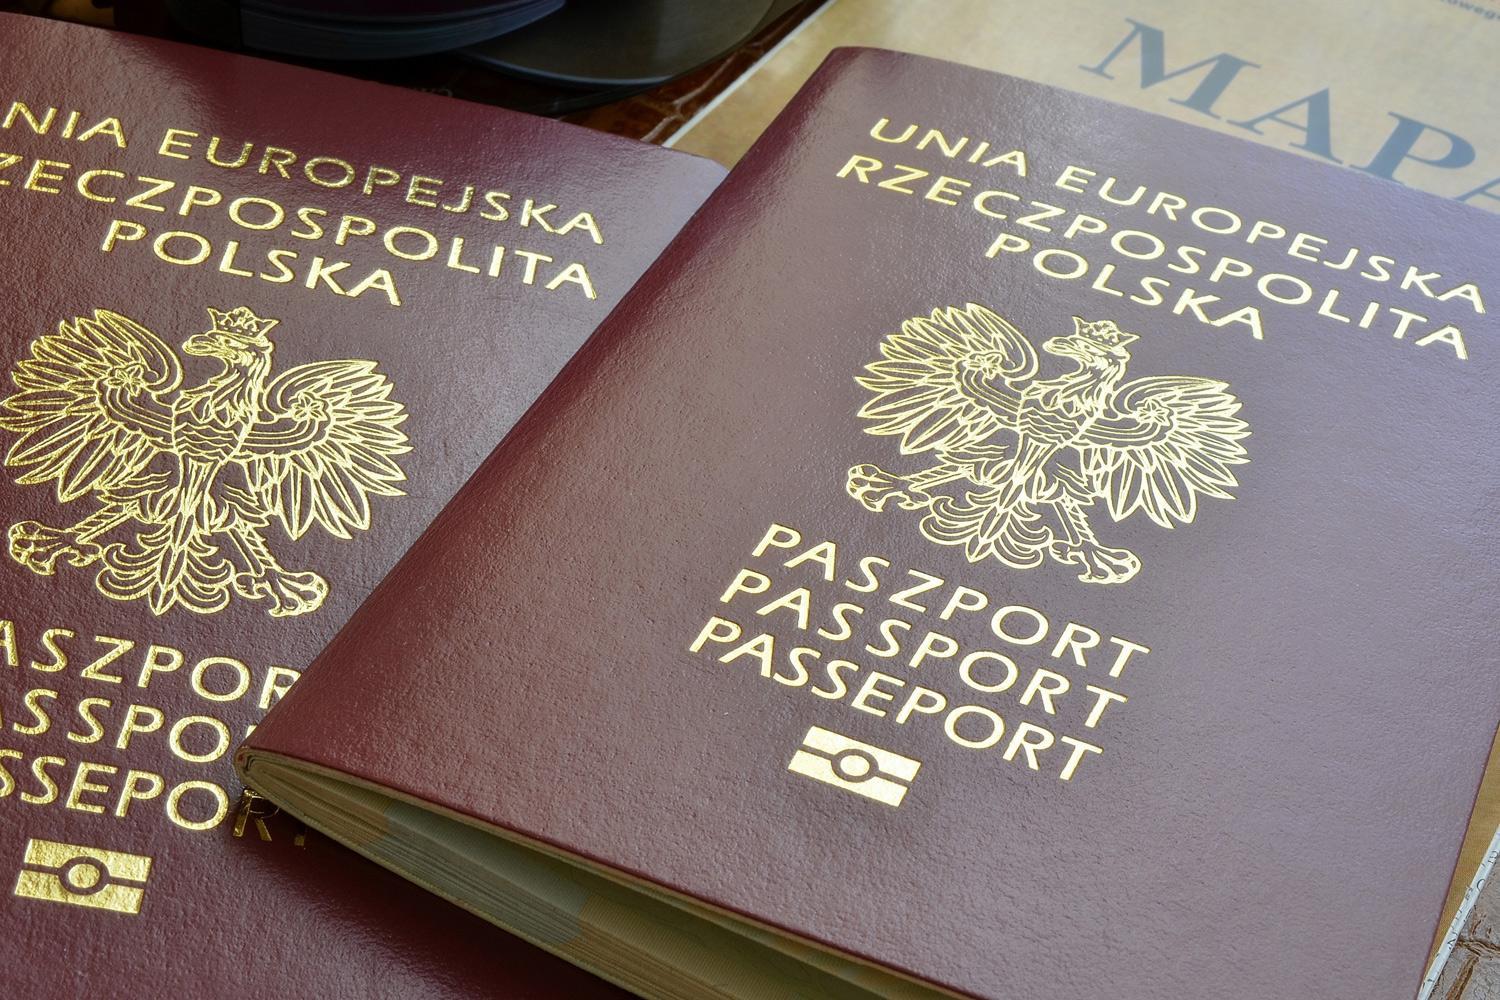 דרכון פולני, ויזת עבודה בפולין, ויזת לימודים בפולין